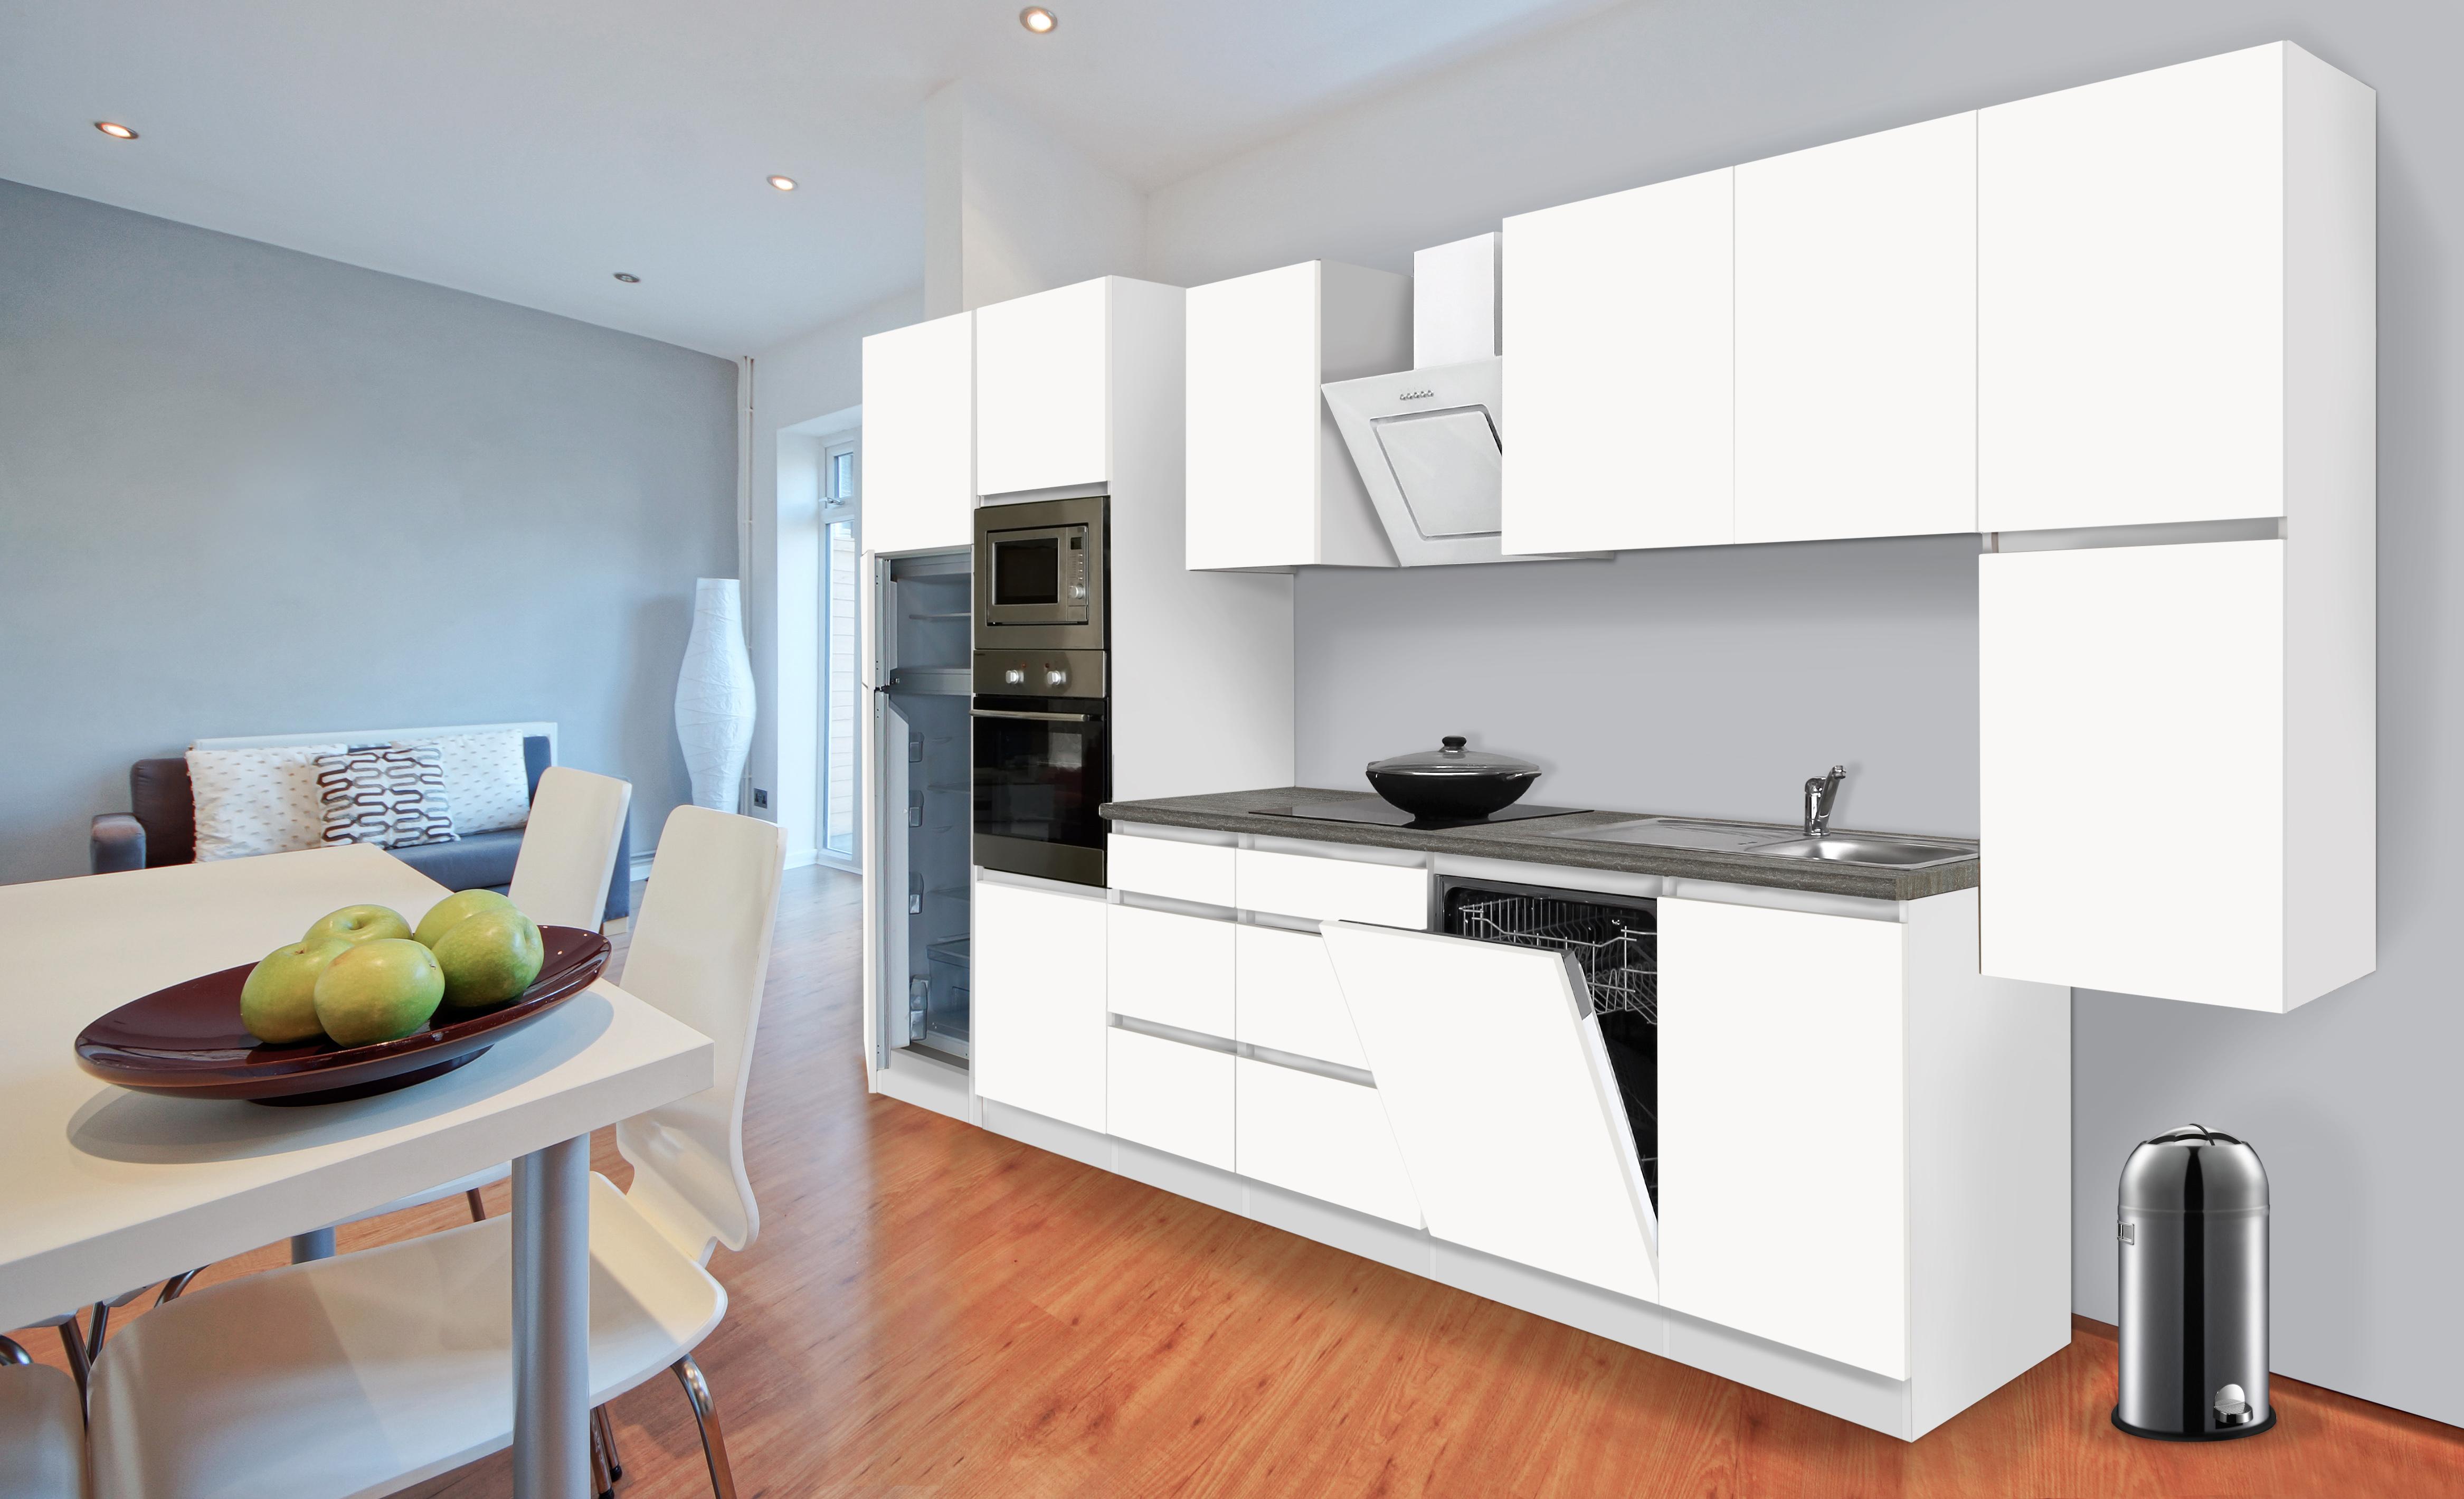 k chenzeile k che k chenblock grifflose k che einbauk che 395 cm wei respekta ebay. Black Bedroom Furniture Sets. Home Design Ideas